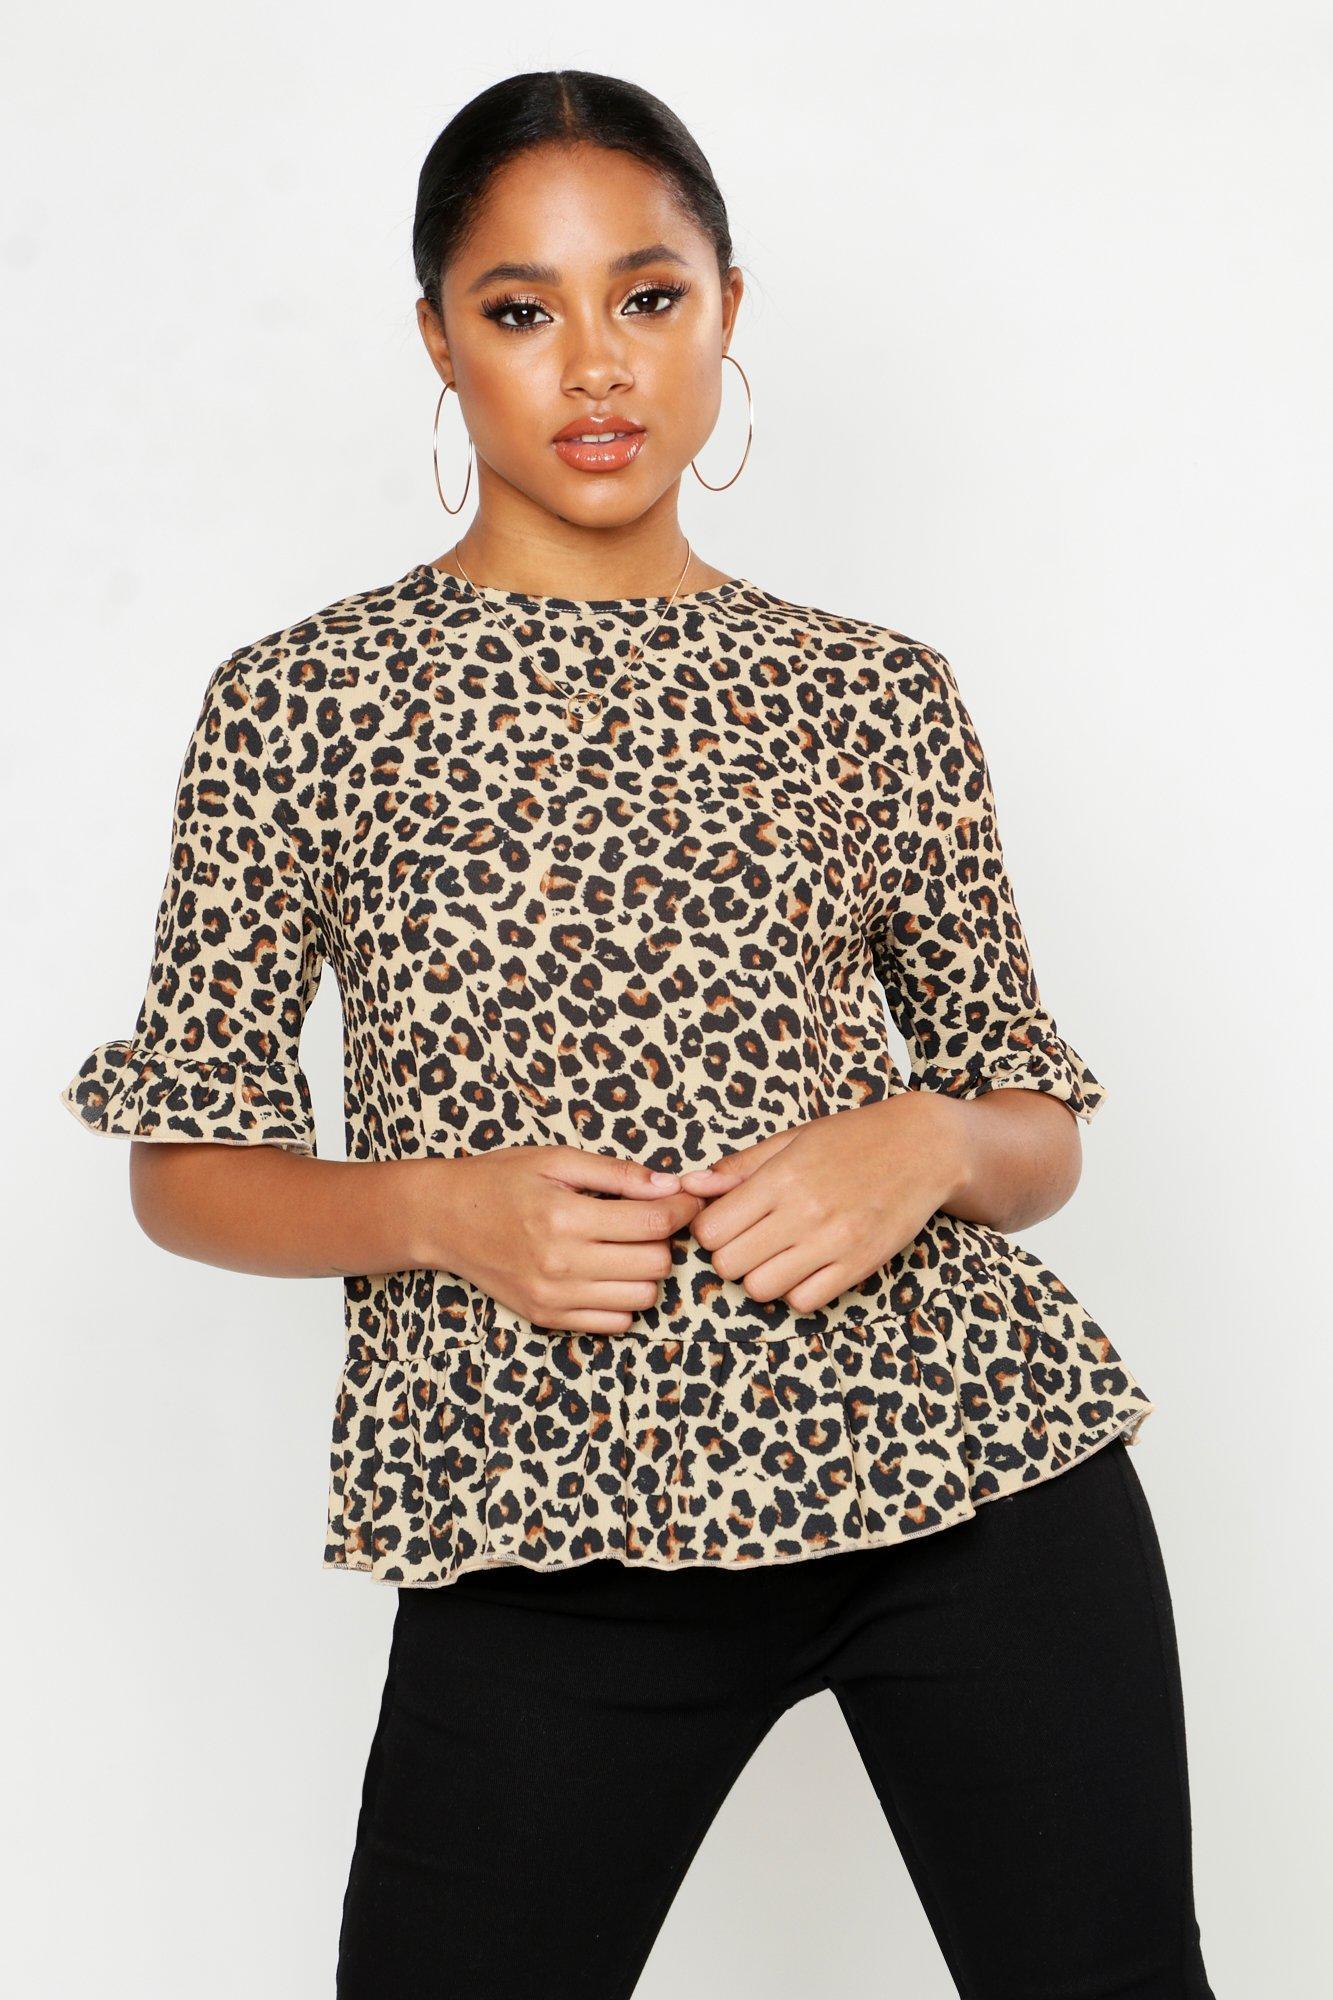 Womens Gewebtes Top mit Leopardenmuster und Knöpfen hinten - Beige - 32, Beige - Boohoo.com